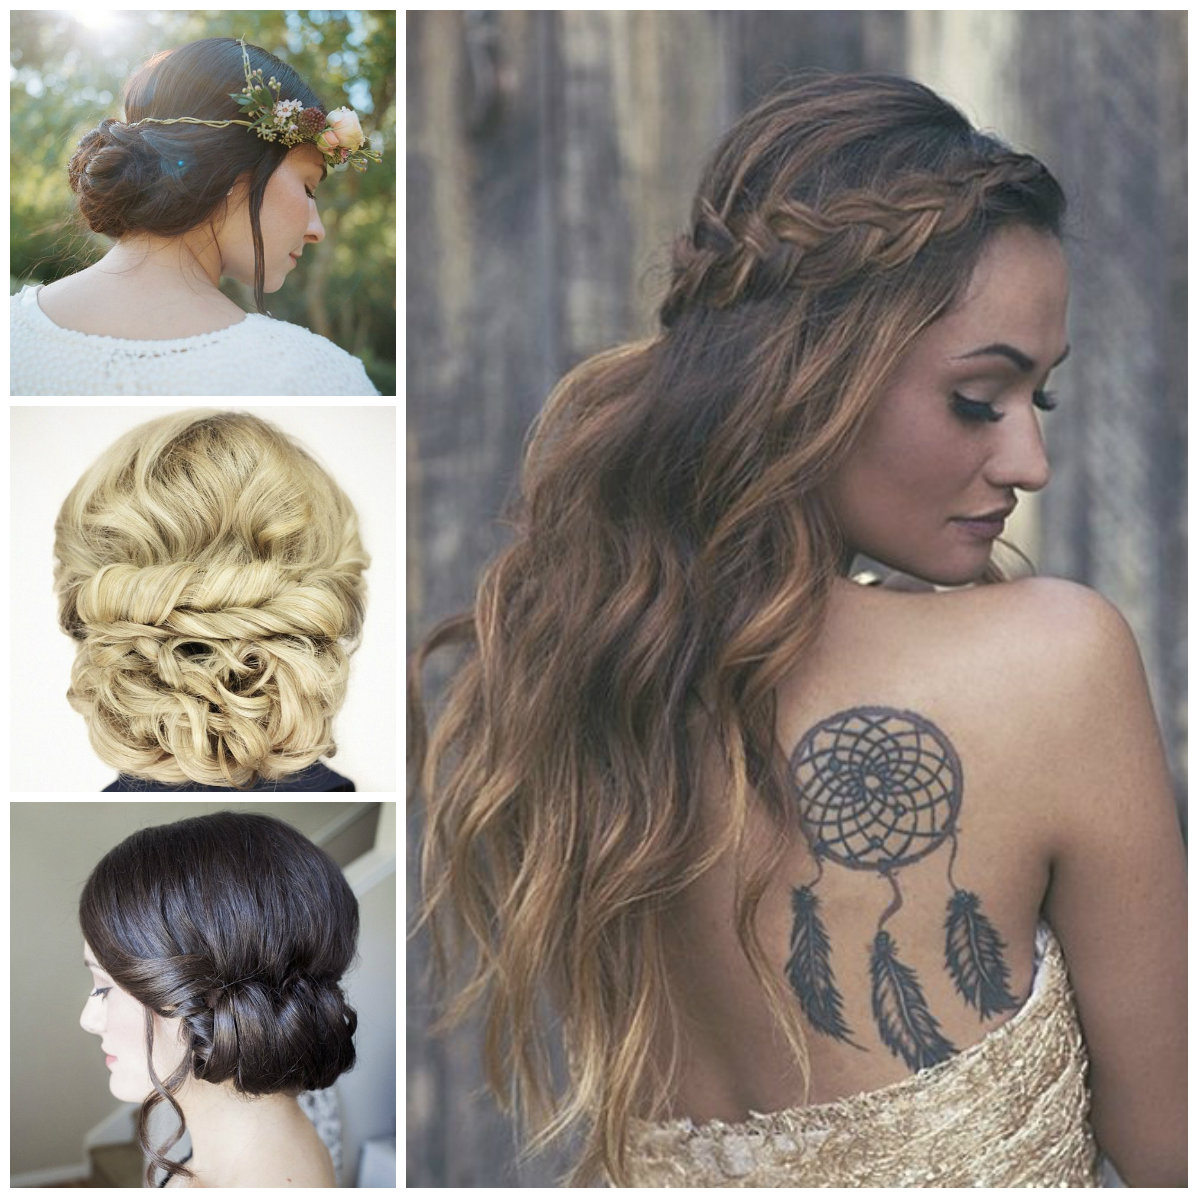 Winter Hochzeit Frisuren für Beste Frisur